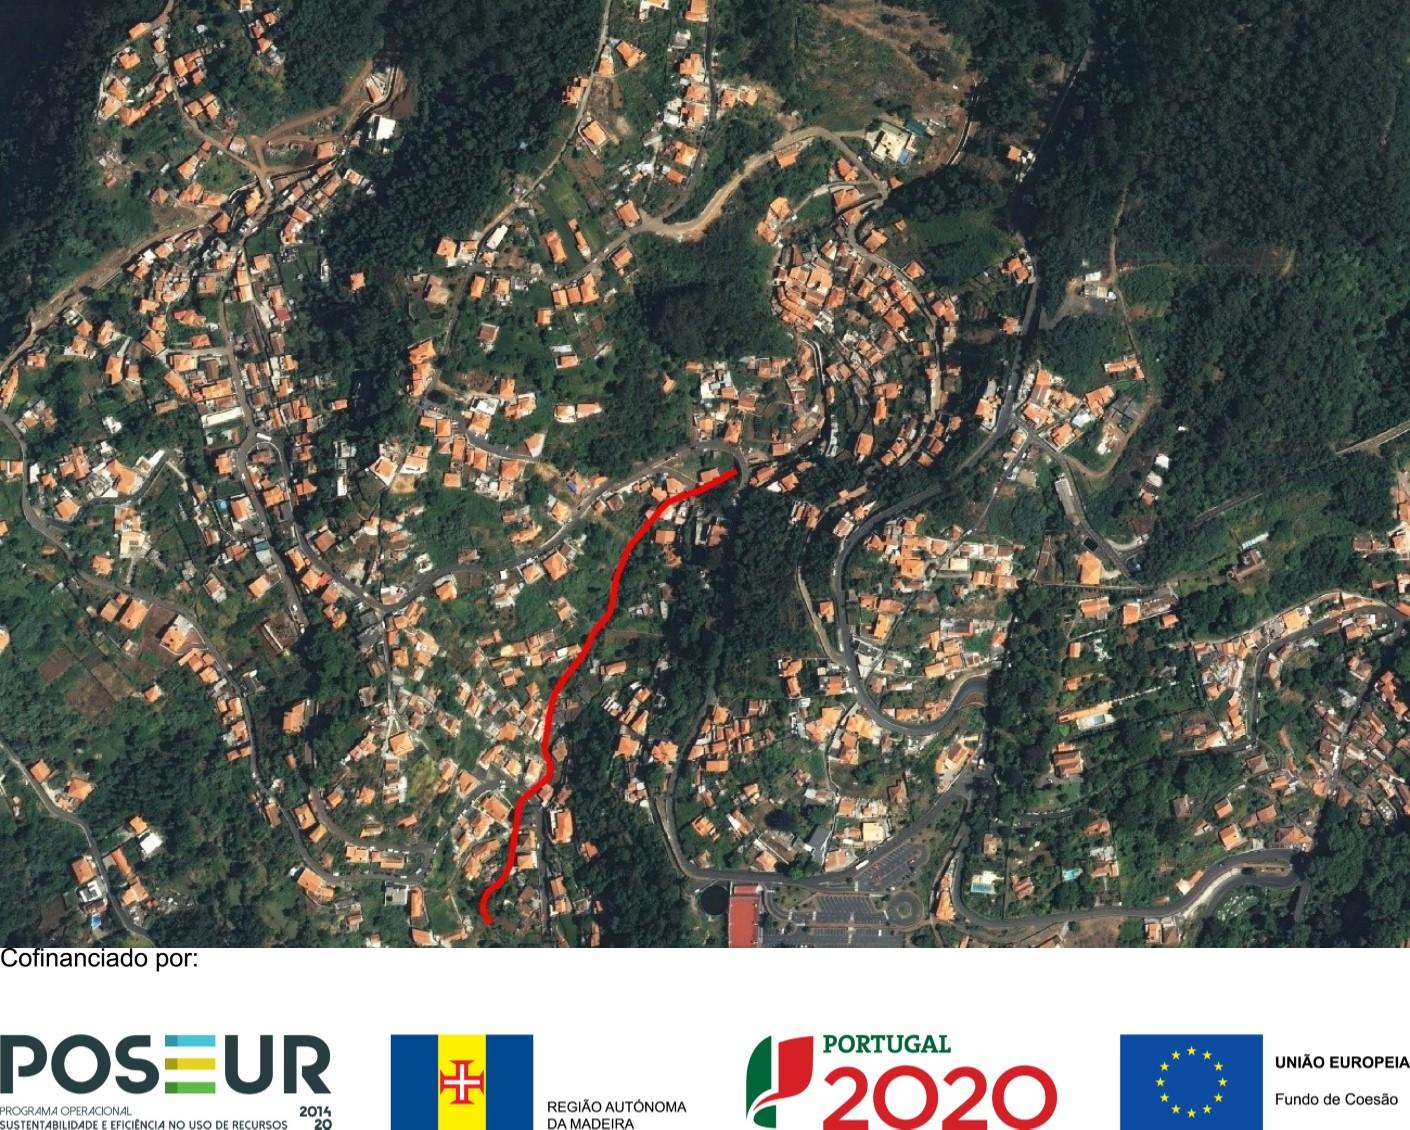 POSEUR-02-1810-FC-000402 - Regularização e Canalização da Ribeira da Corujeira (2ª Fase) - Monte